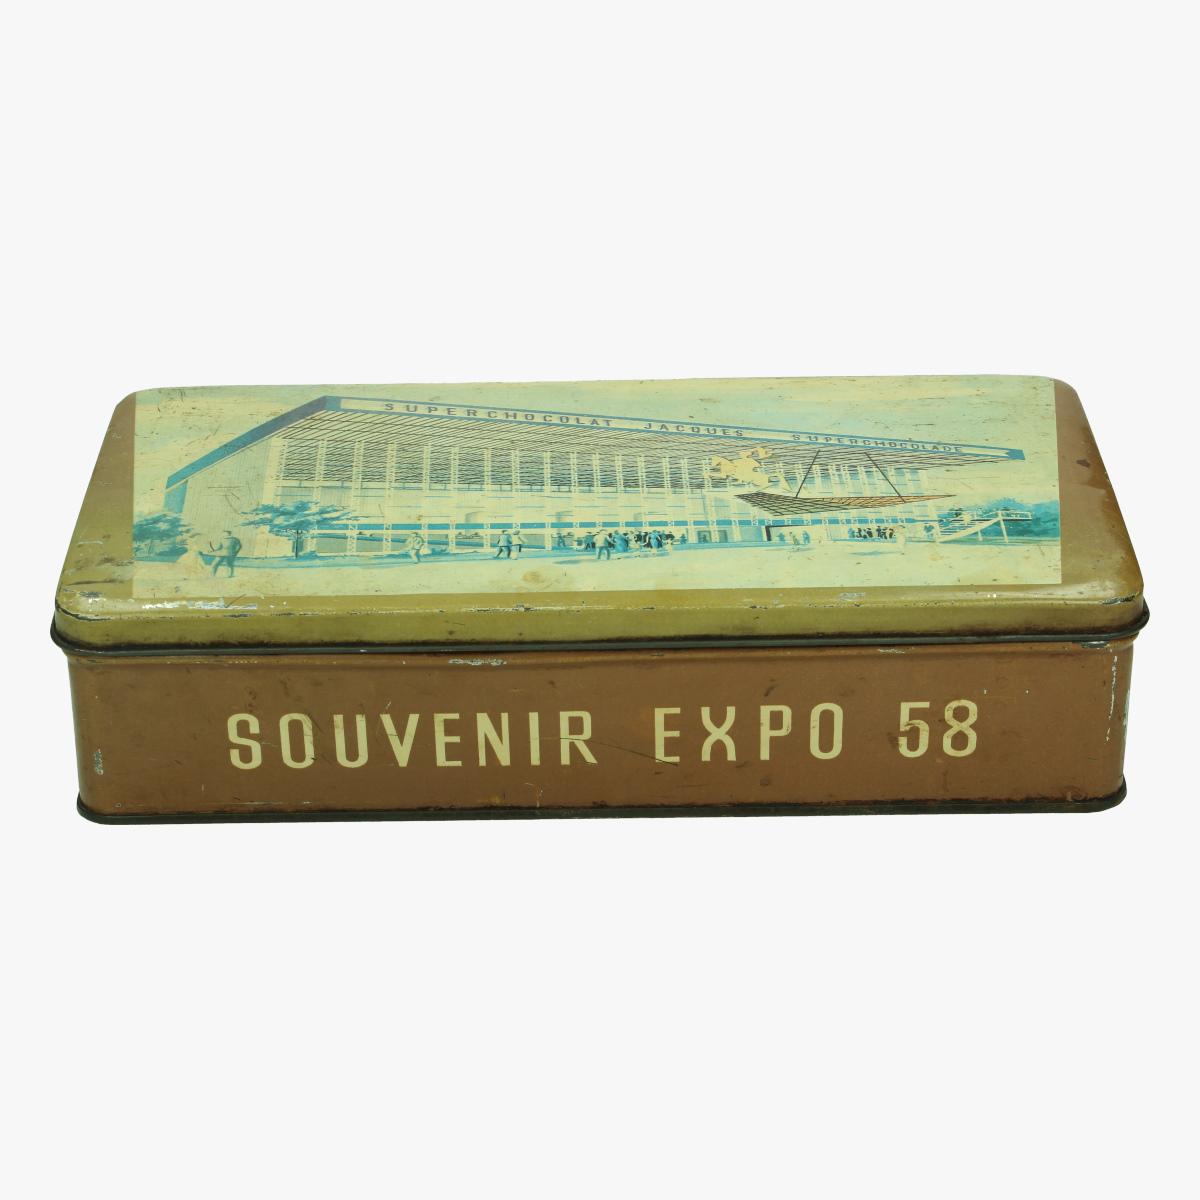 Afbeeldingen van expo 58 blikken doos superchocolade jacques aandenken tentoonstelling  expo 58